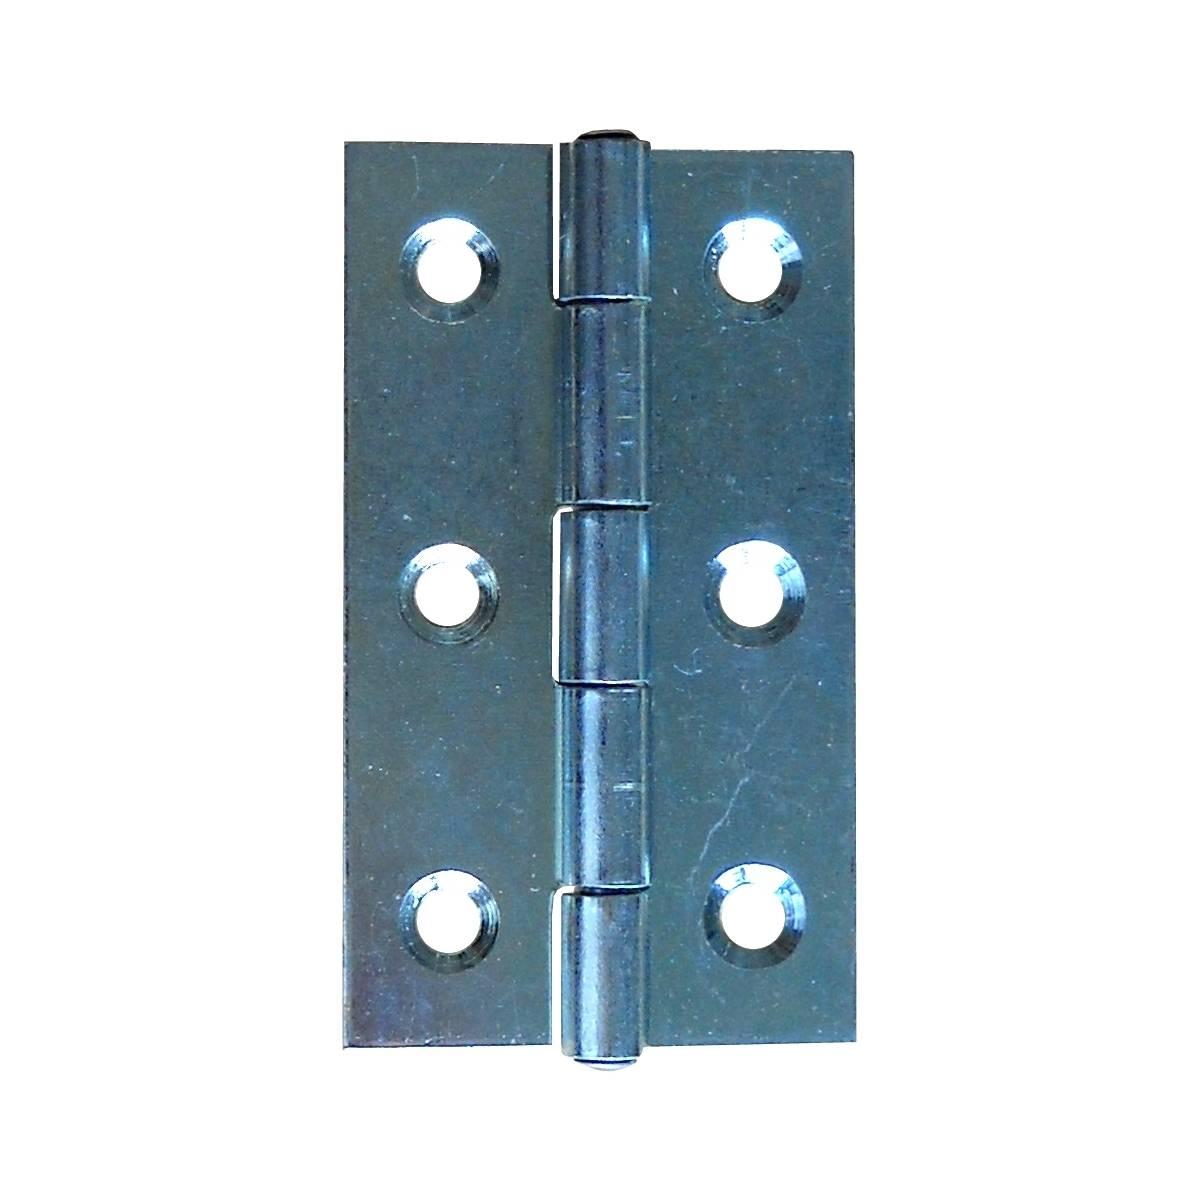 Scharnier vz 90 x 46 x 1,5 mm / Pck a 2 Stück